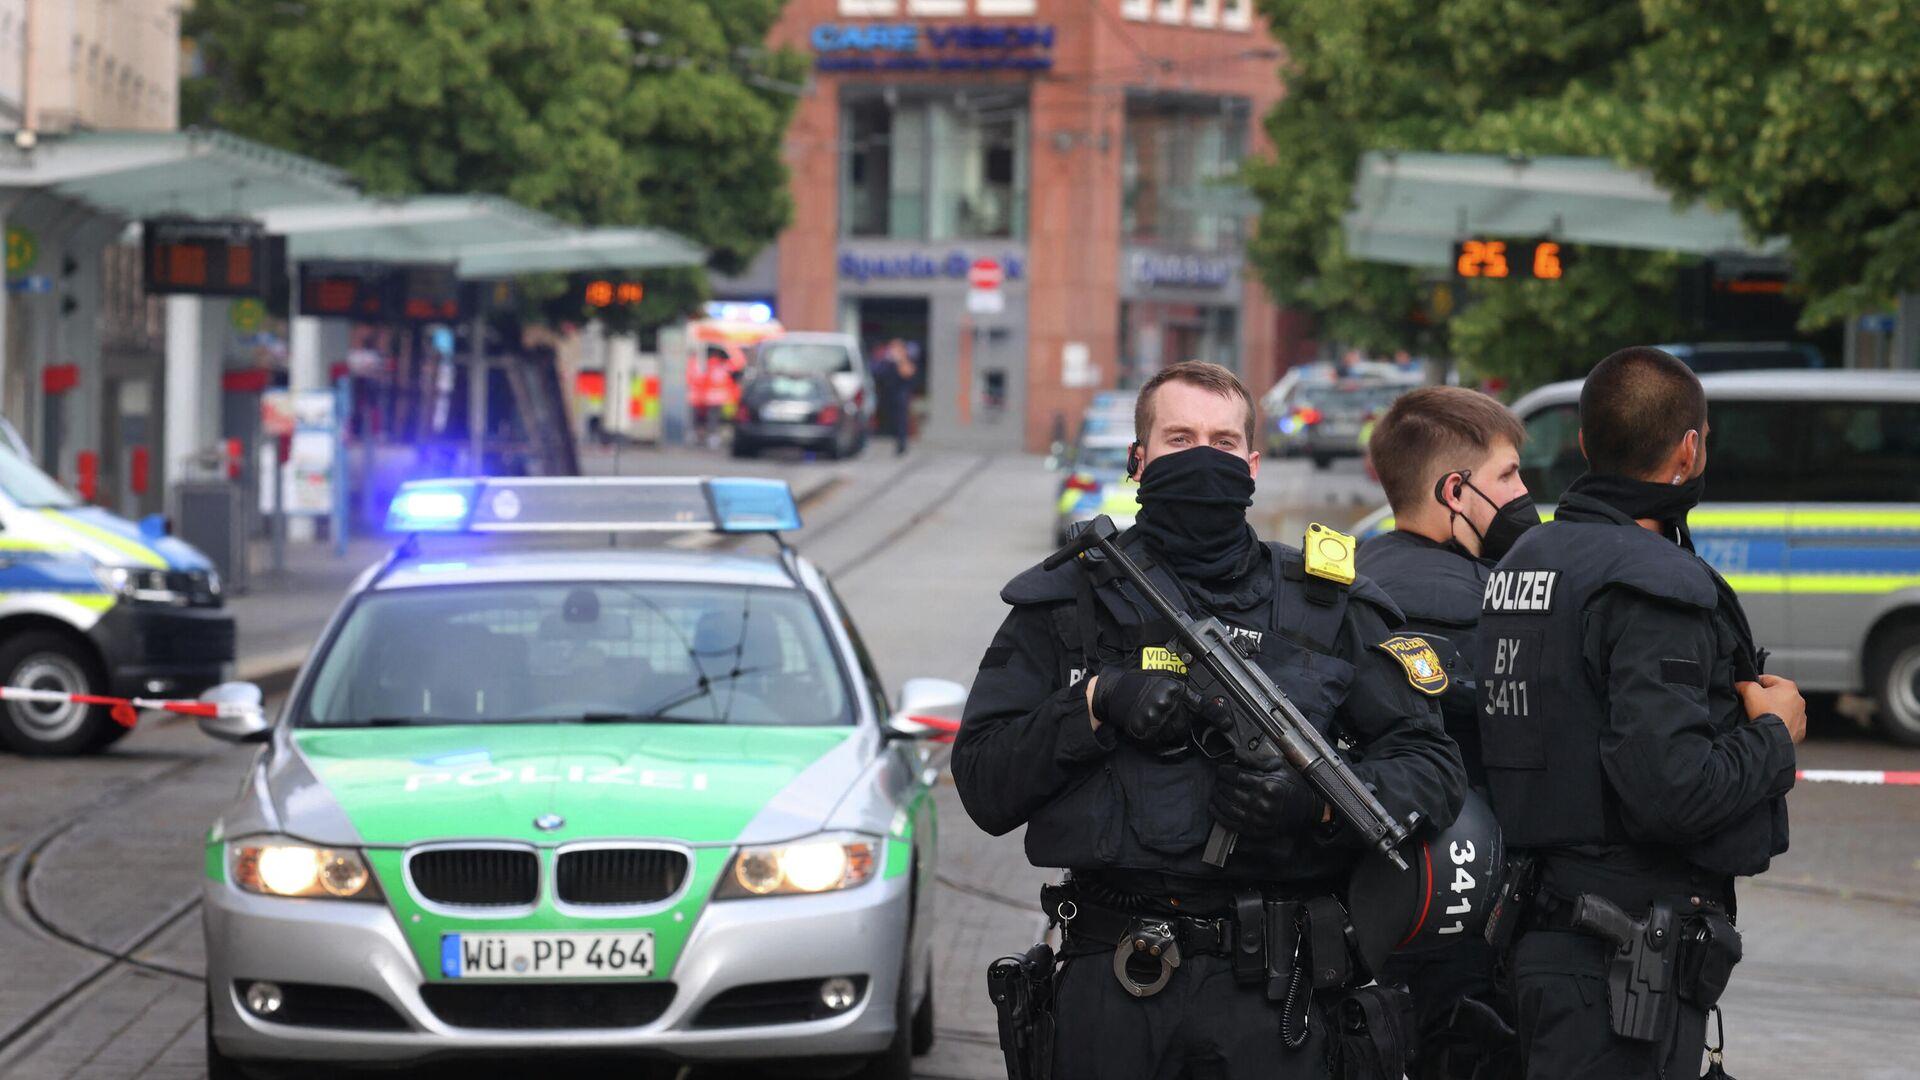 Polizisten sichern am 25. Juni 2021 nach einem tödlichen Messeranschlag die Innenstadt im süddeutschen Würzburg. Archivfoto. - SNA, 1920, 20.09.2021